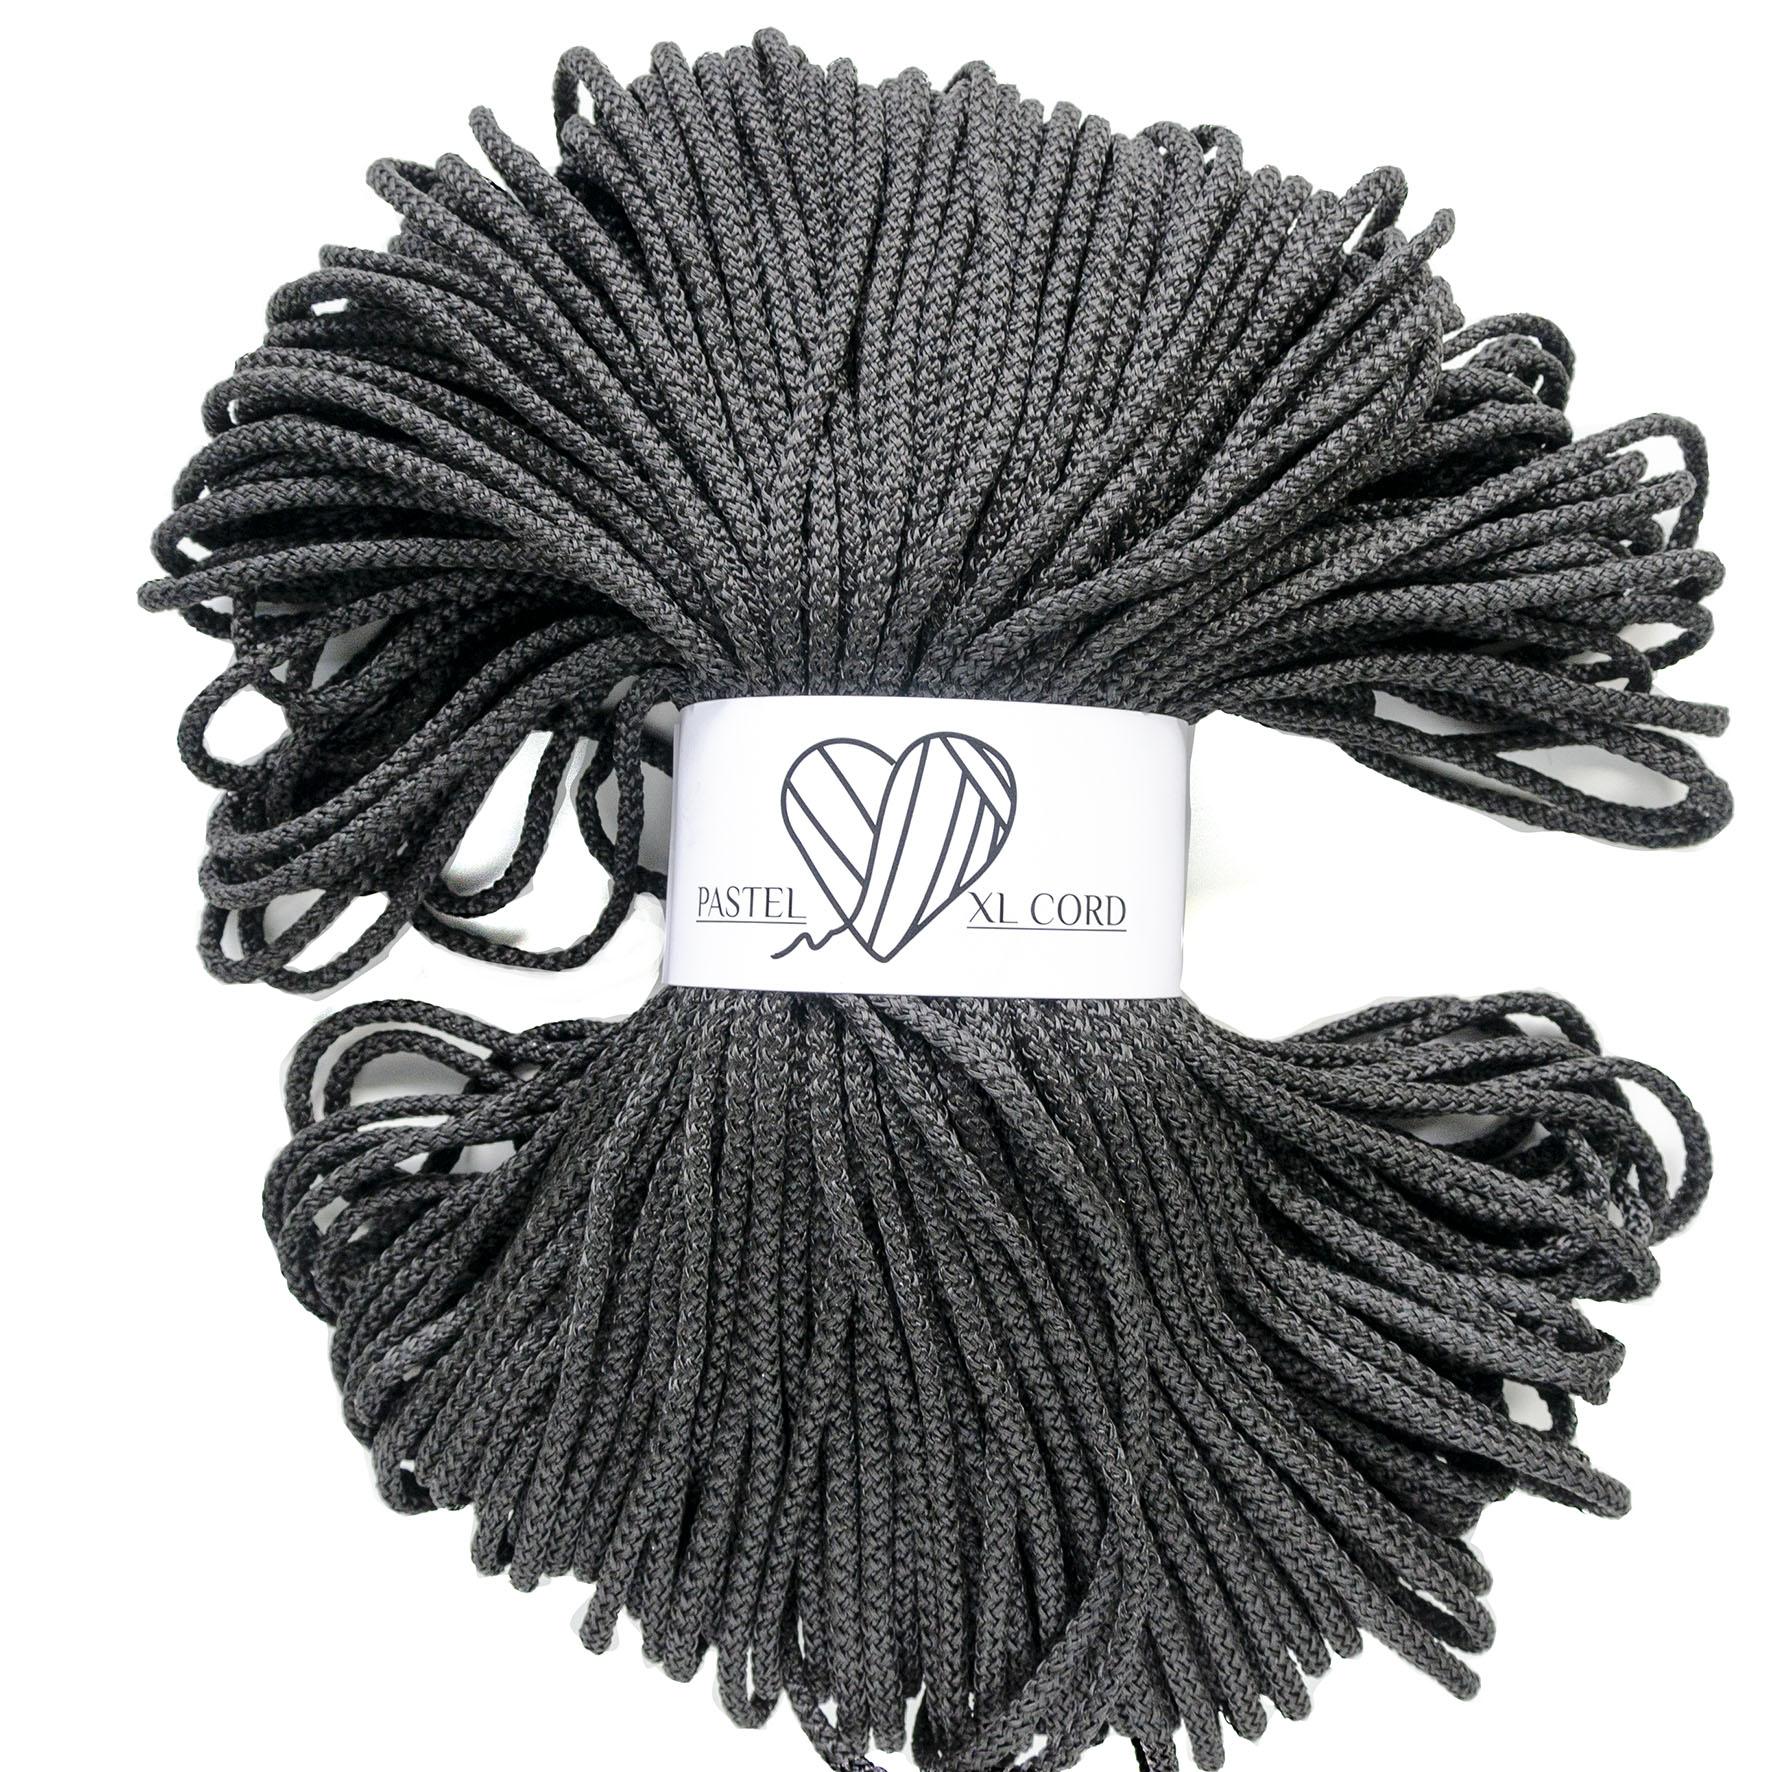 Полипропиленовый шнур Pastel XL cord Черный